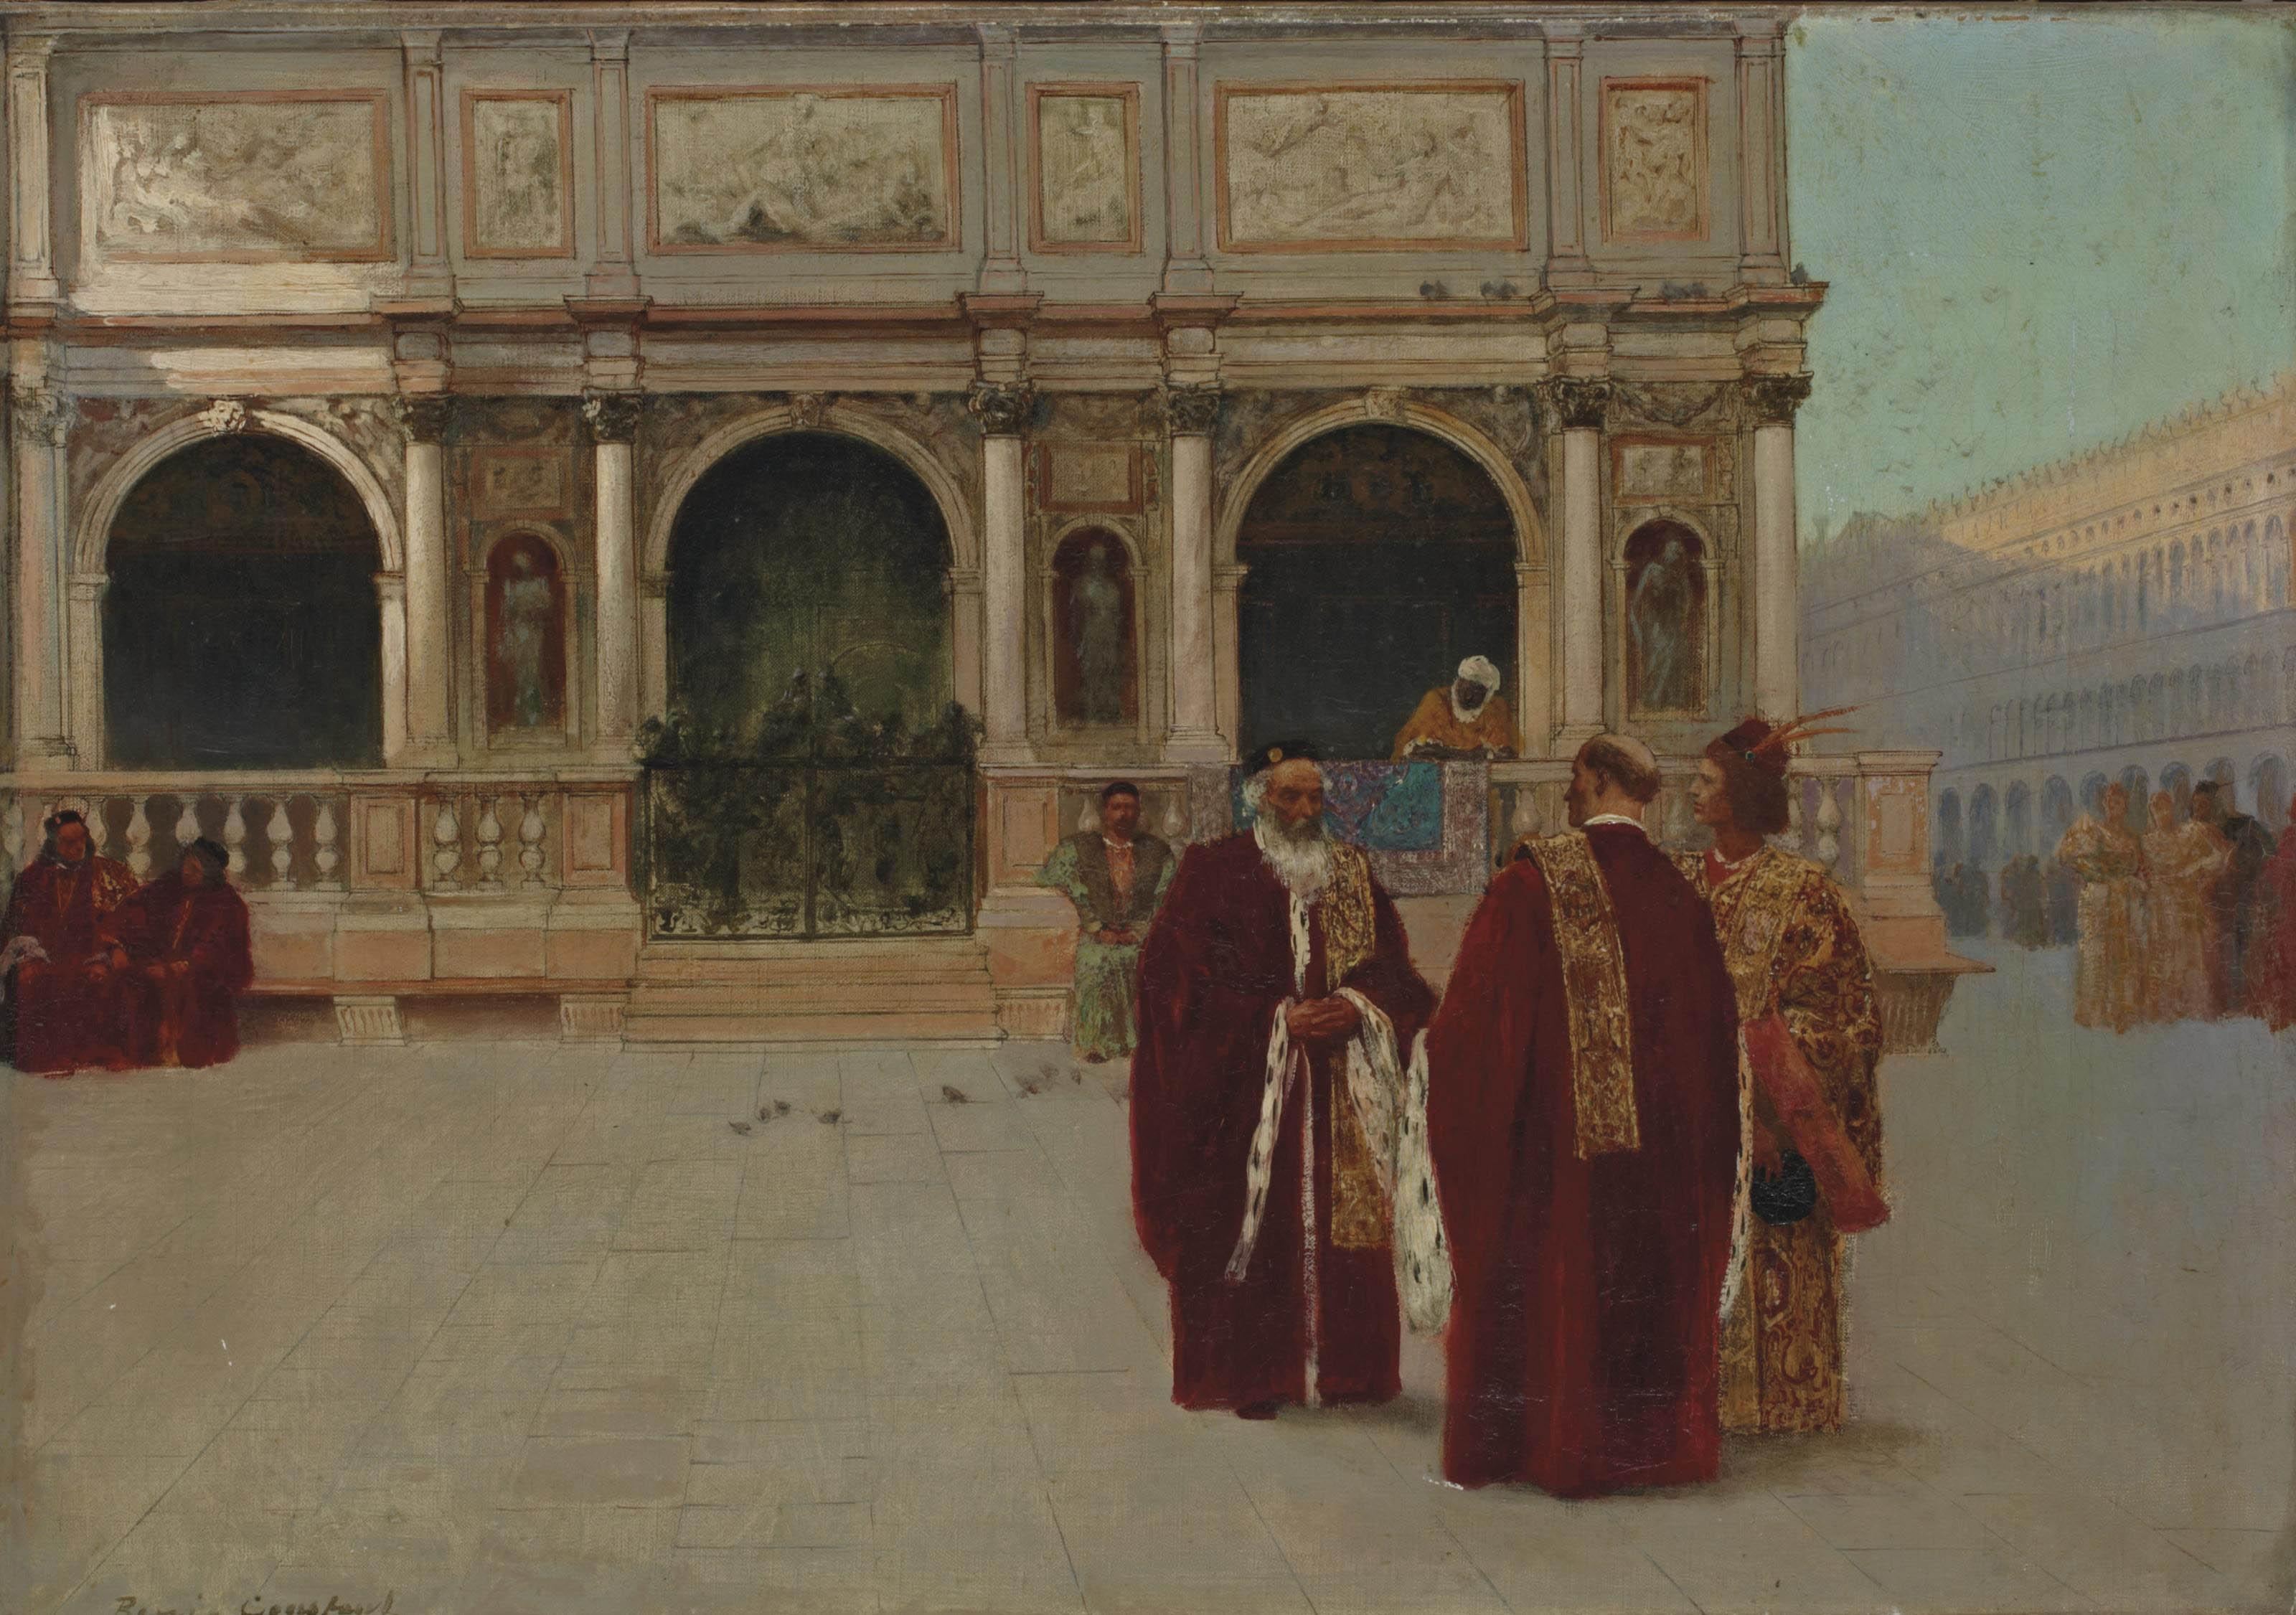 Façade de la Loggetta sur la place Saint-Marc à Venise